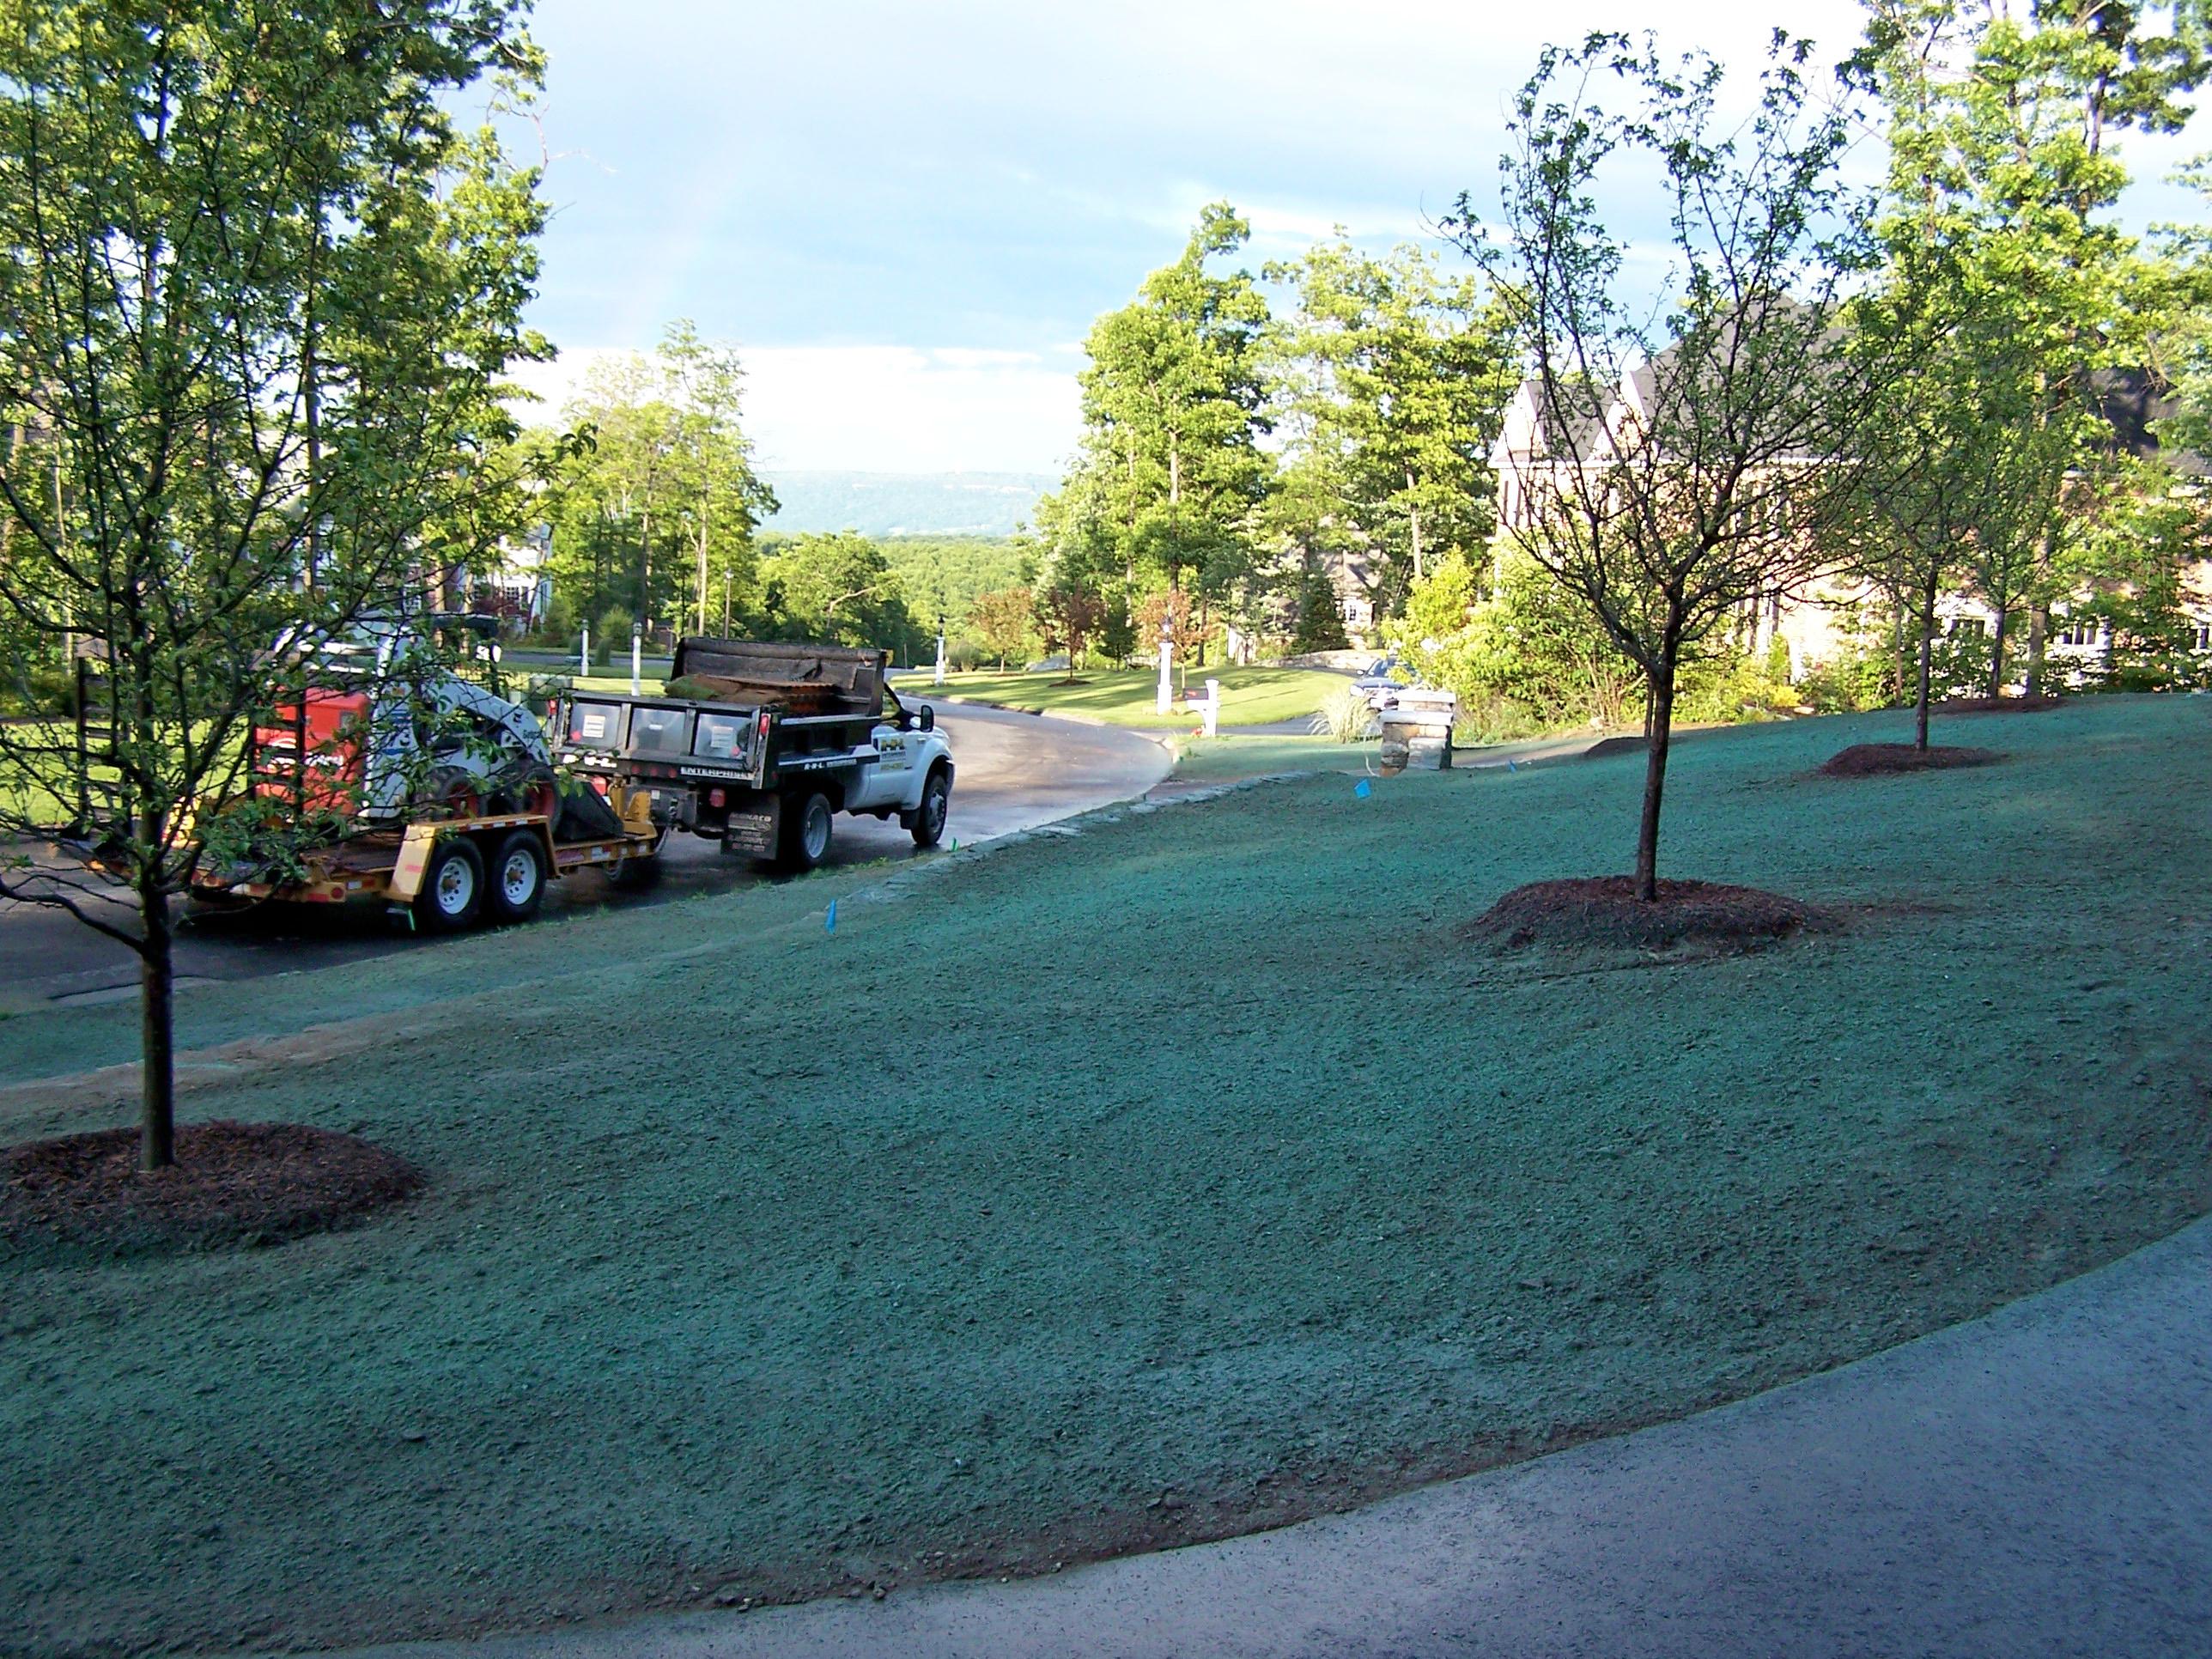 Hydro Seeding R N L Enterprises Llc Landscaping And Lawn